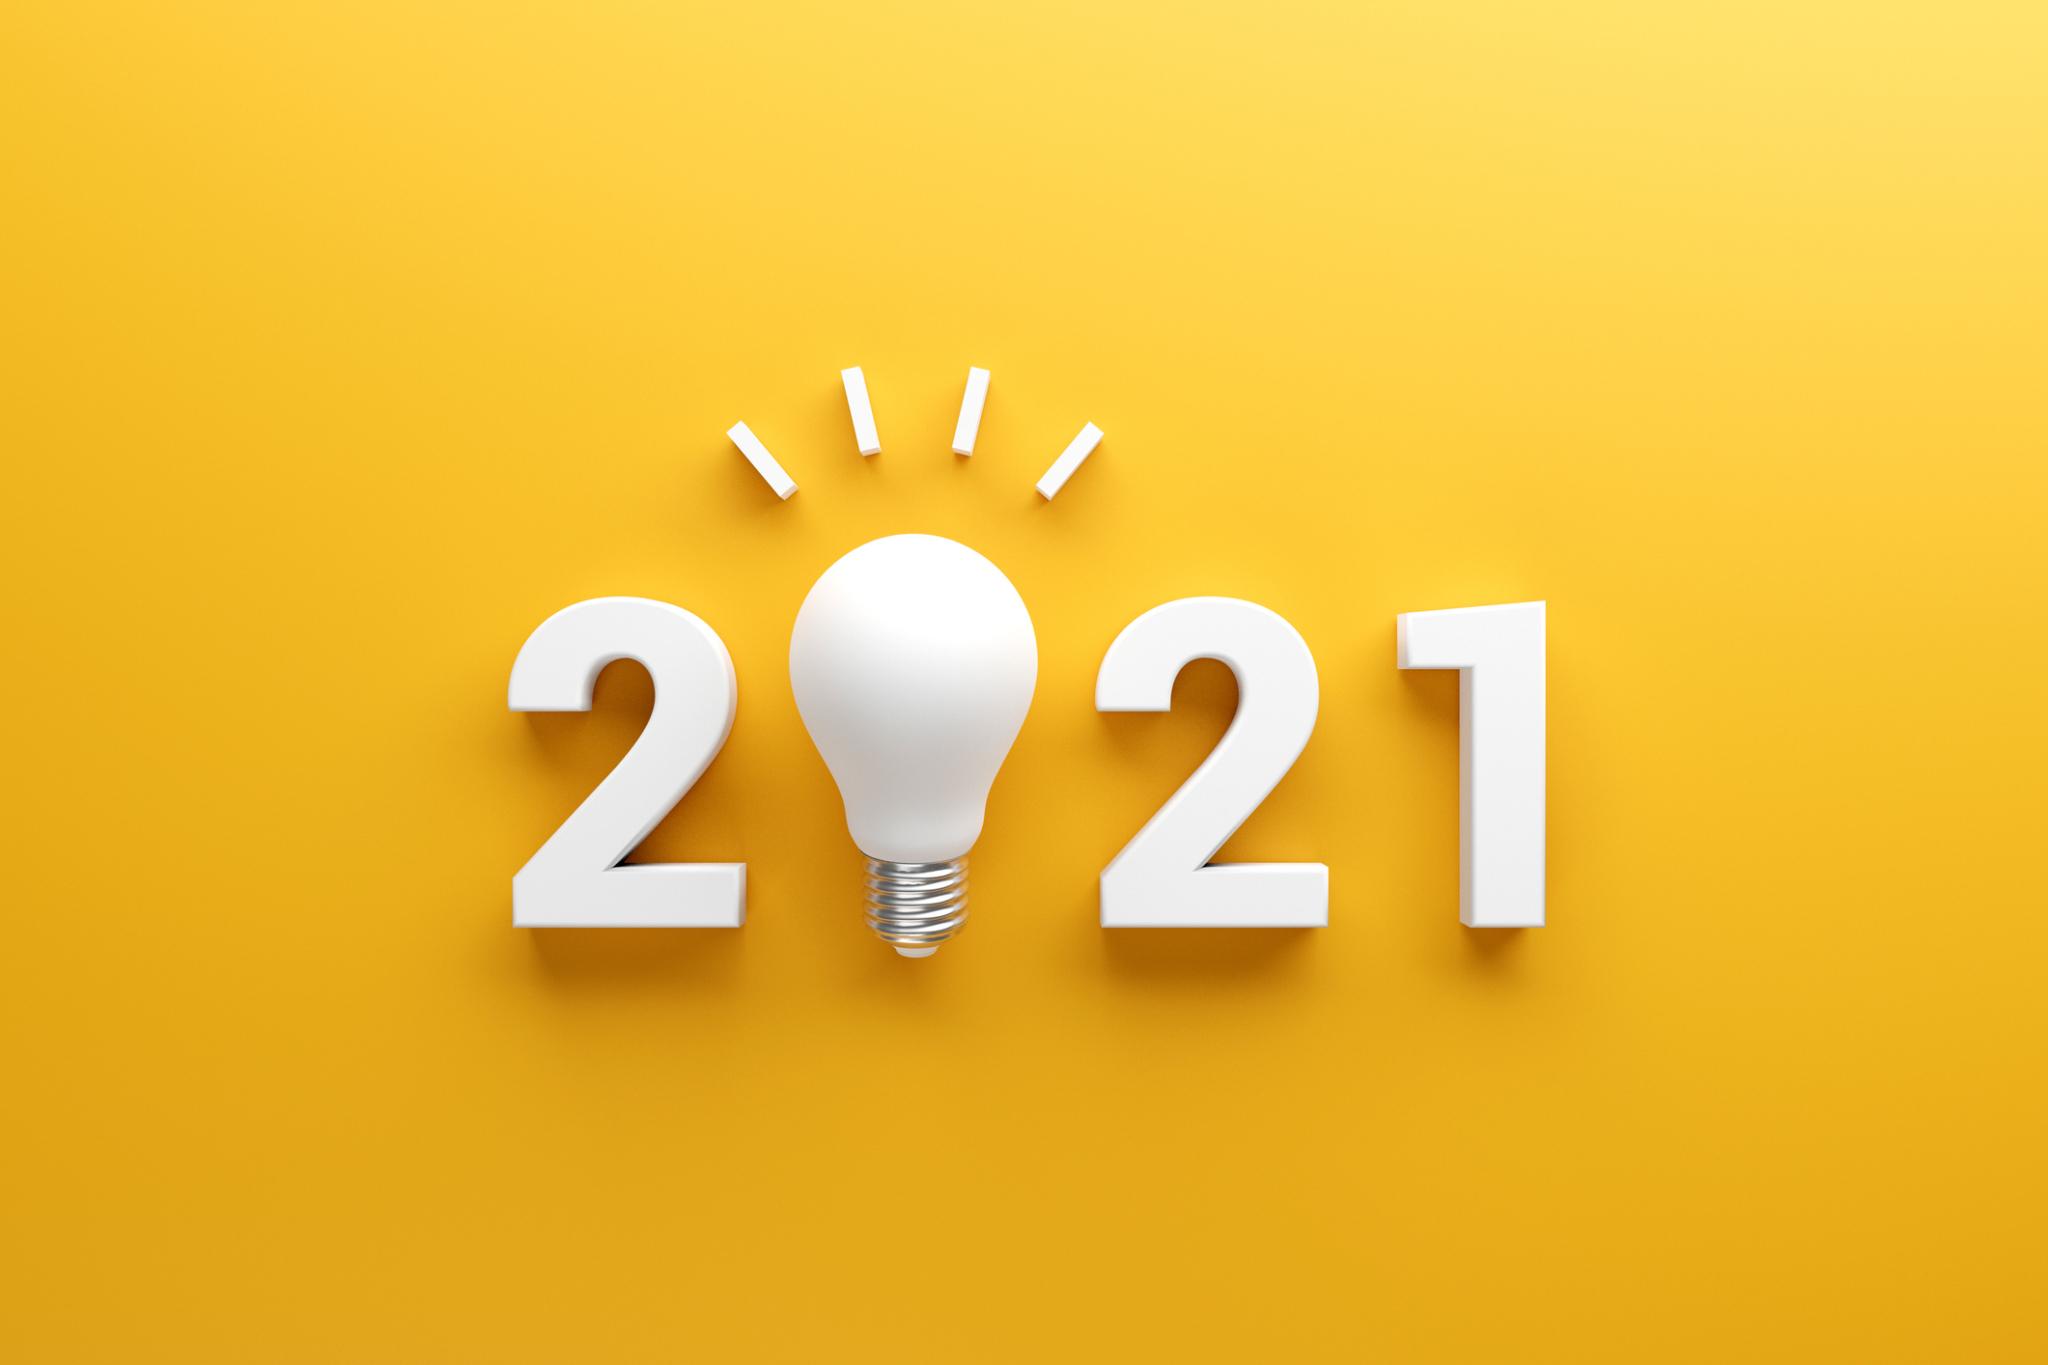 energie besparen met verlichting